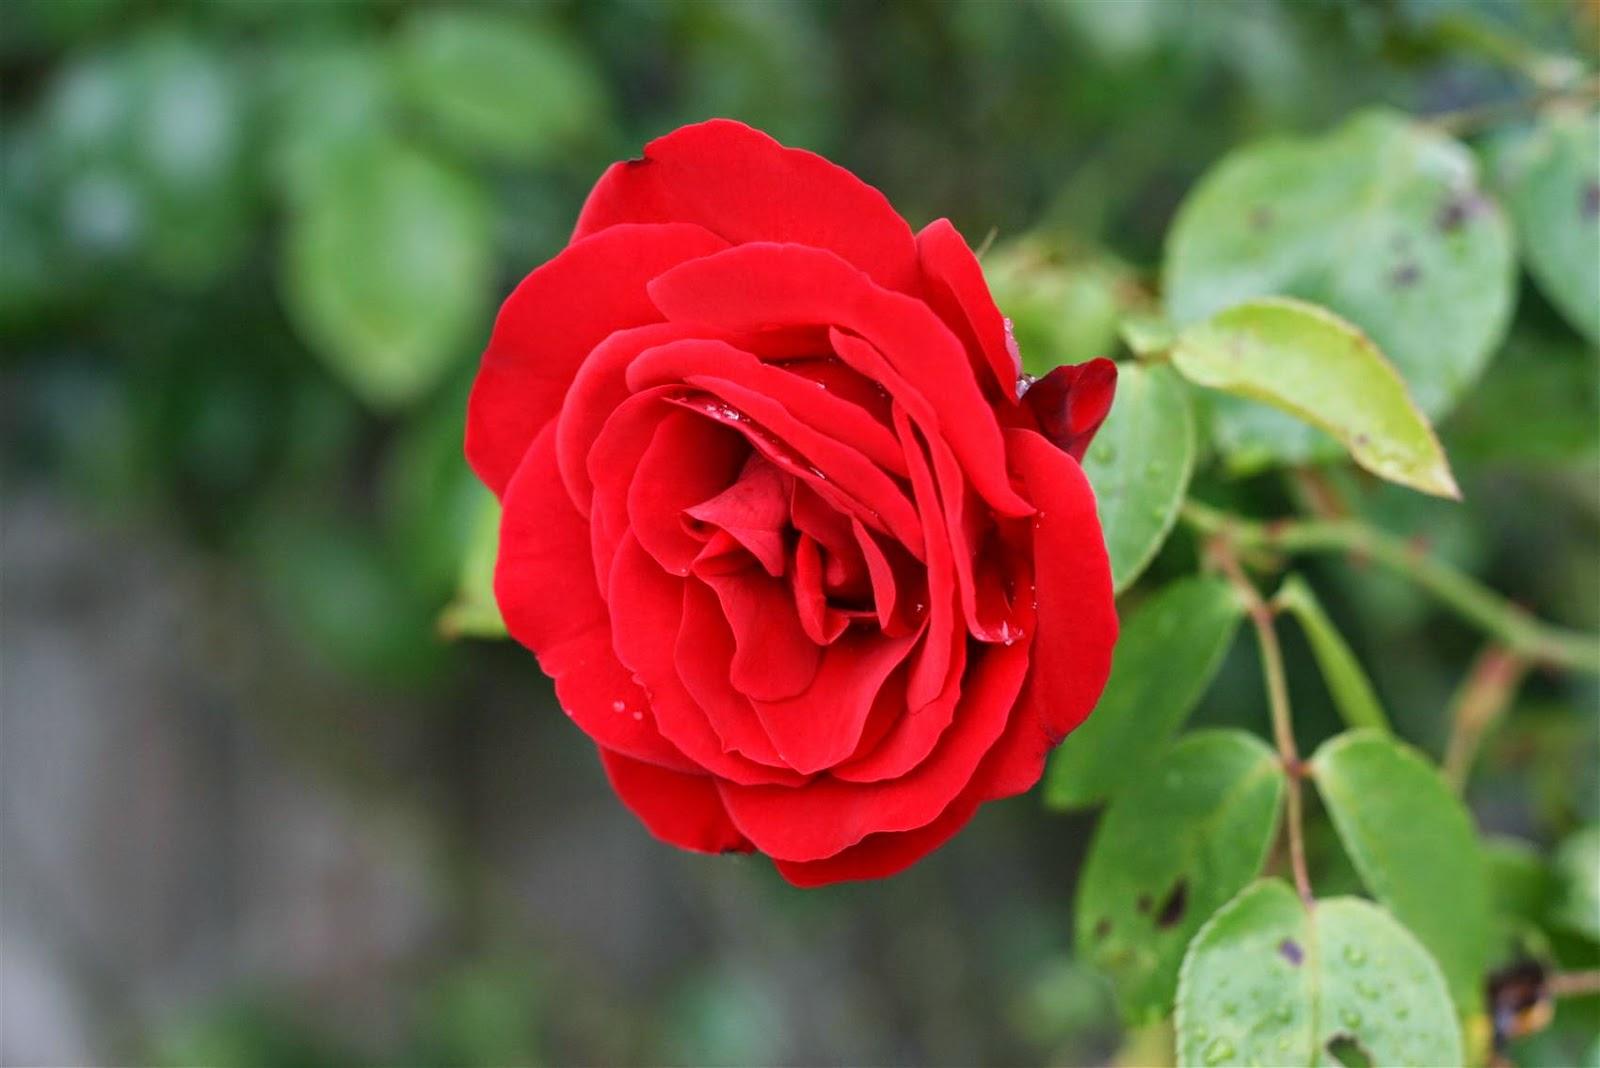 صور وردة حمراء رائعة